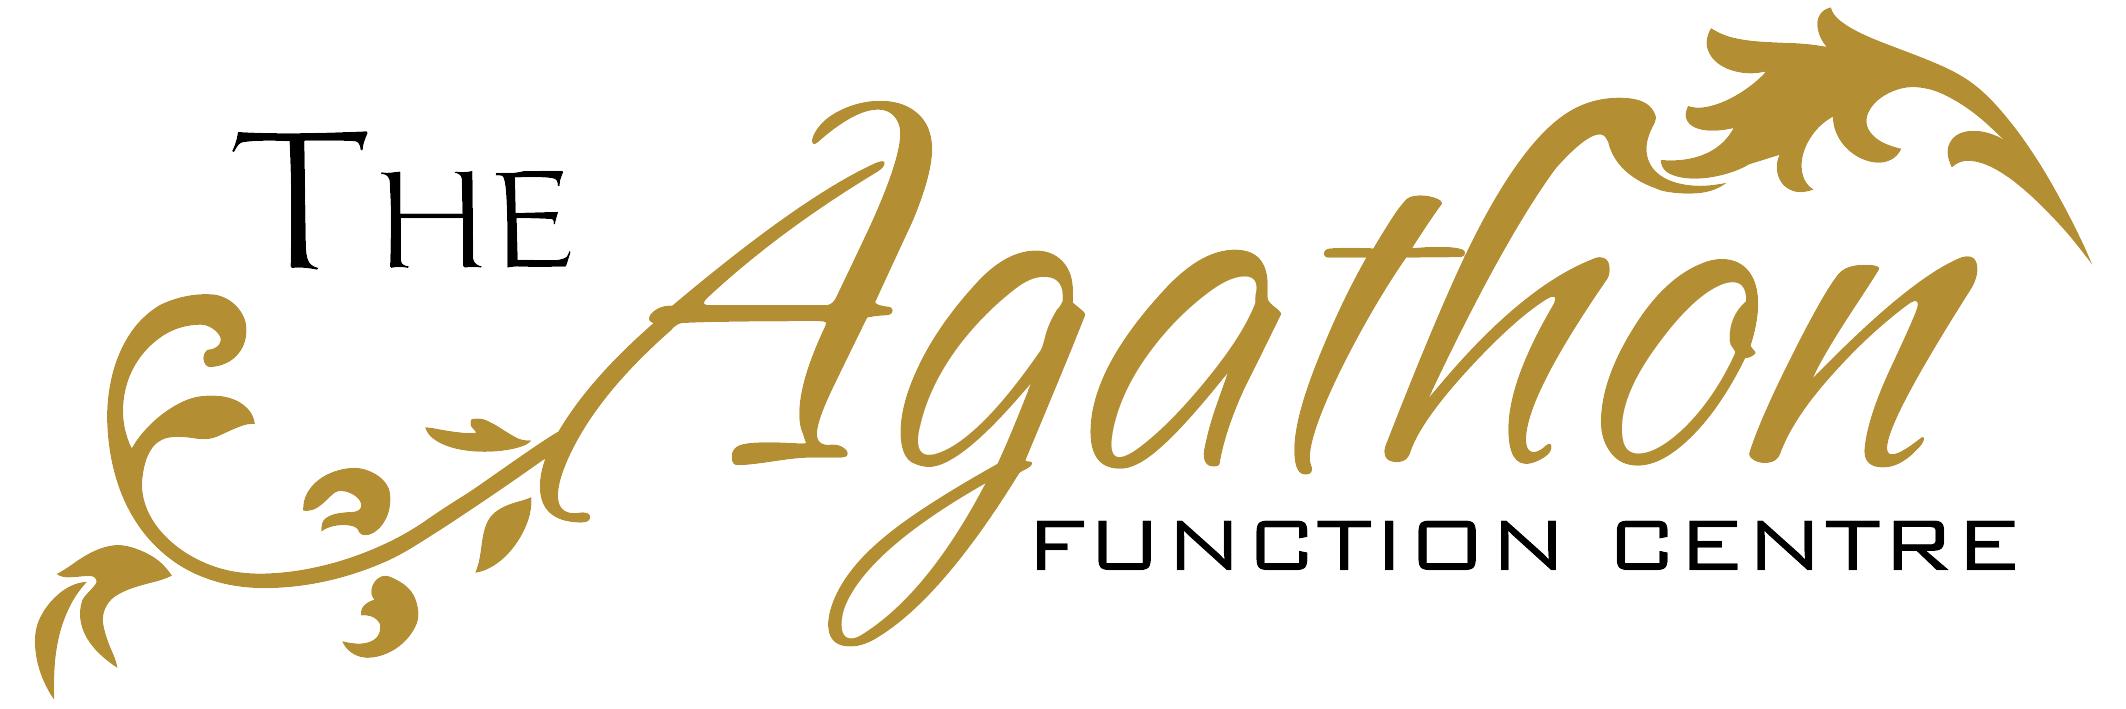 The Agathon Function Centre